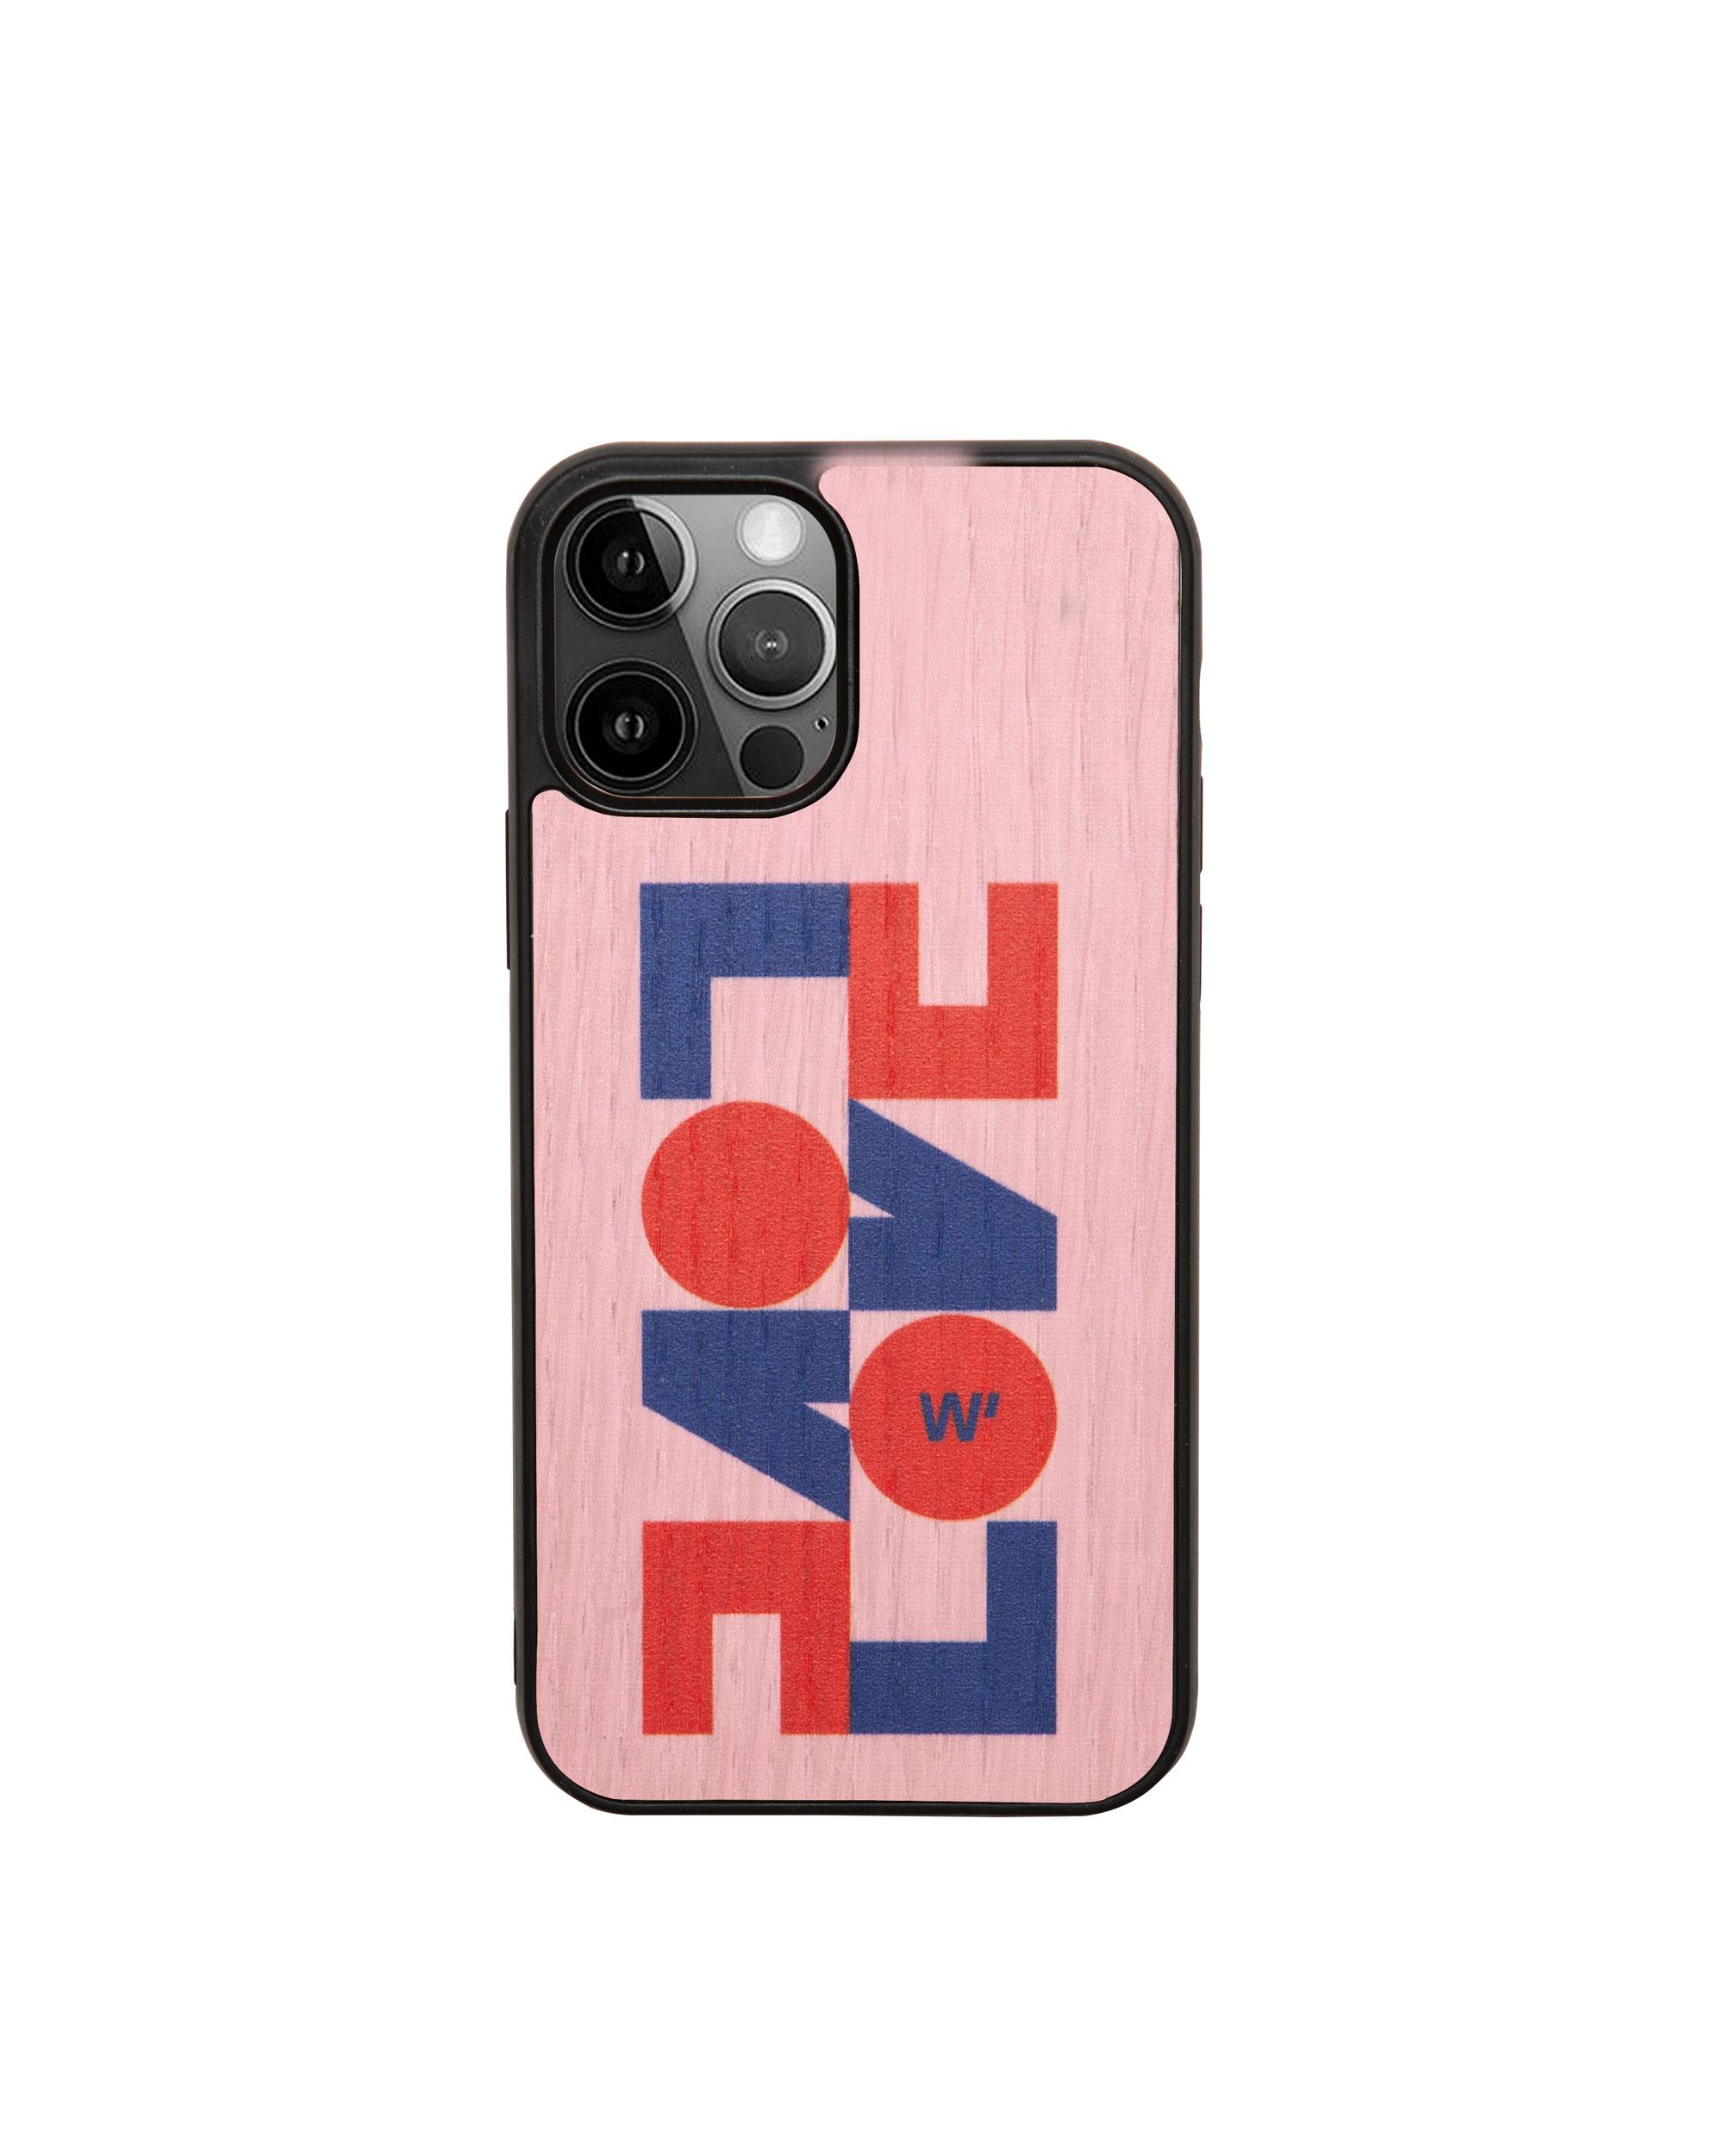 LOVE - Coque en bois pour iPhone 12 pro max